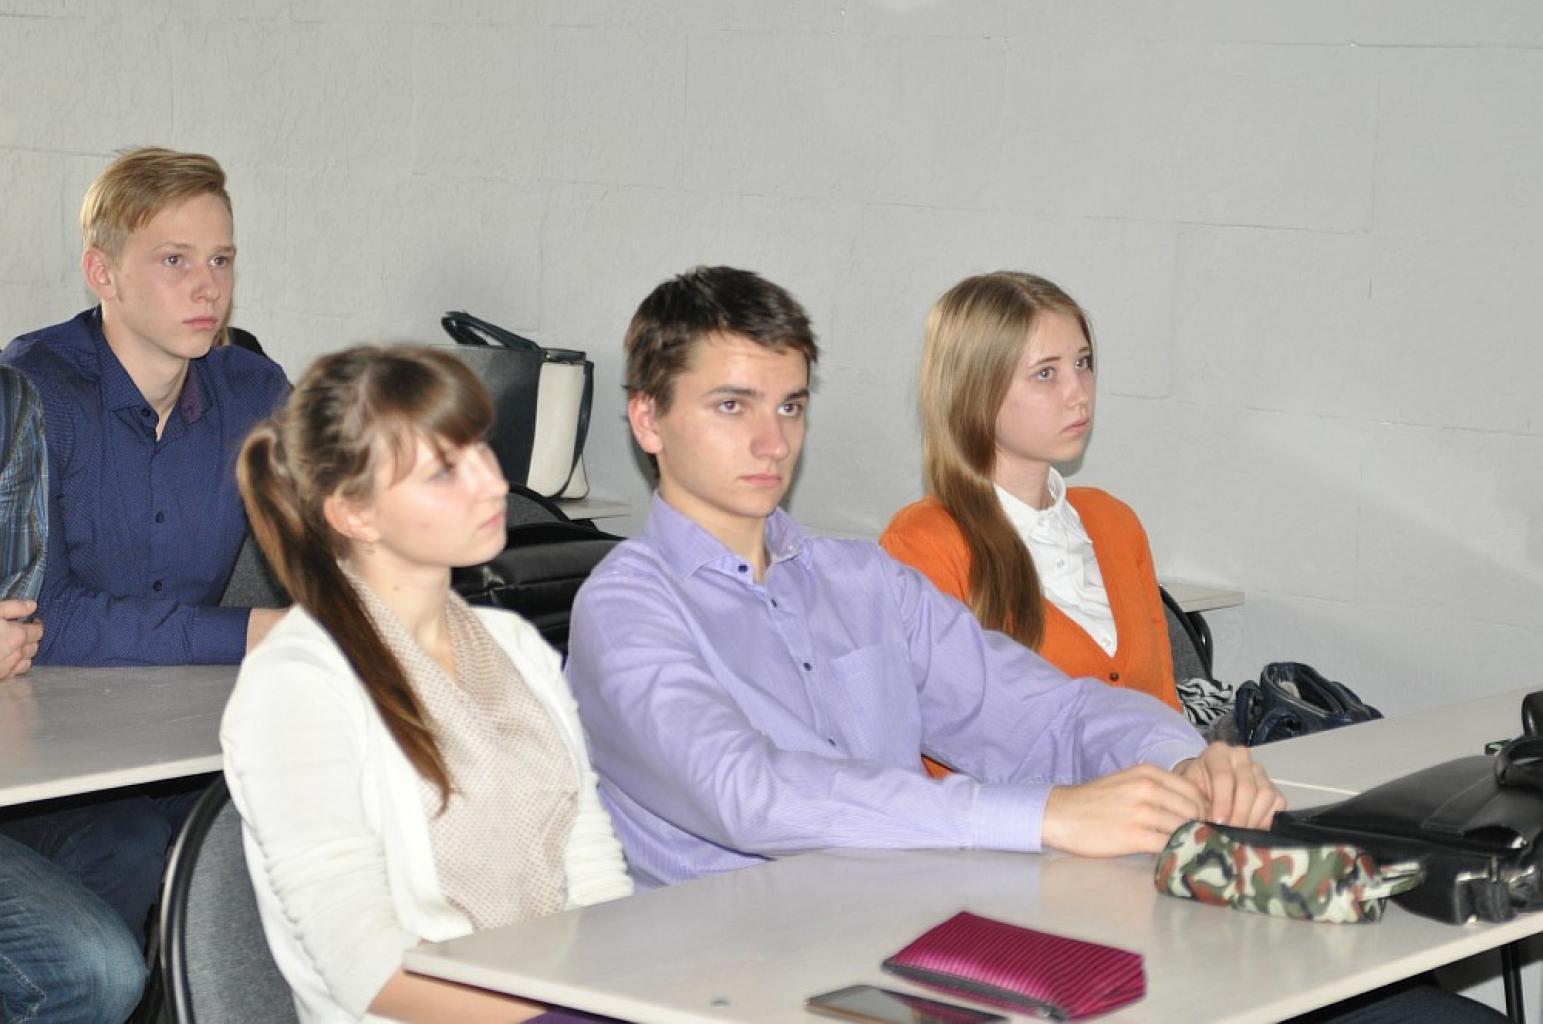 найти молодые экономисты россии фото федерального комитета партии